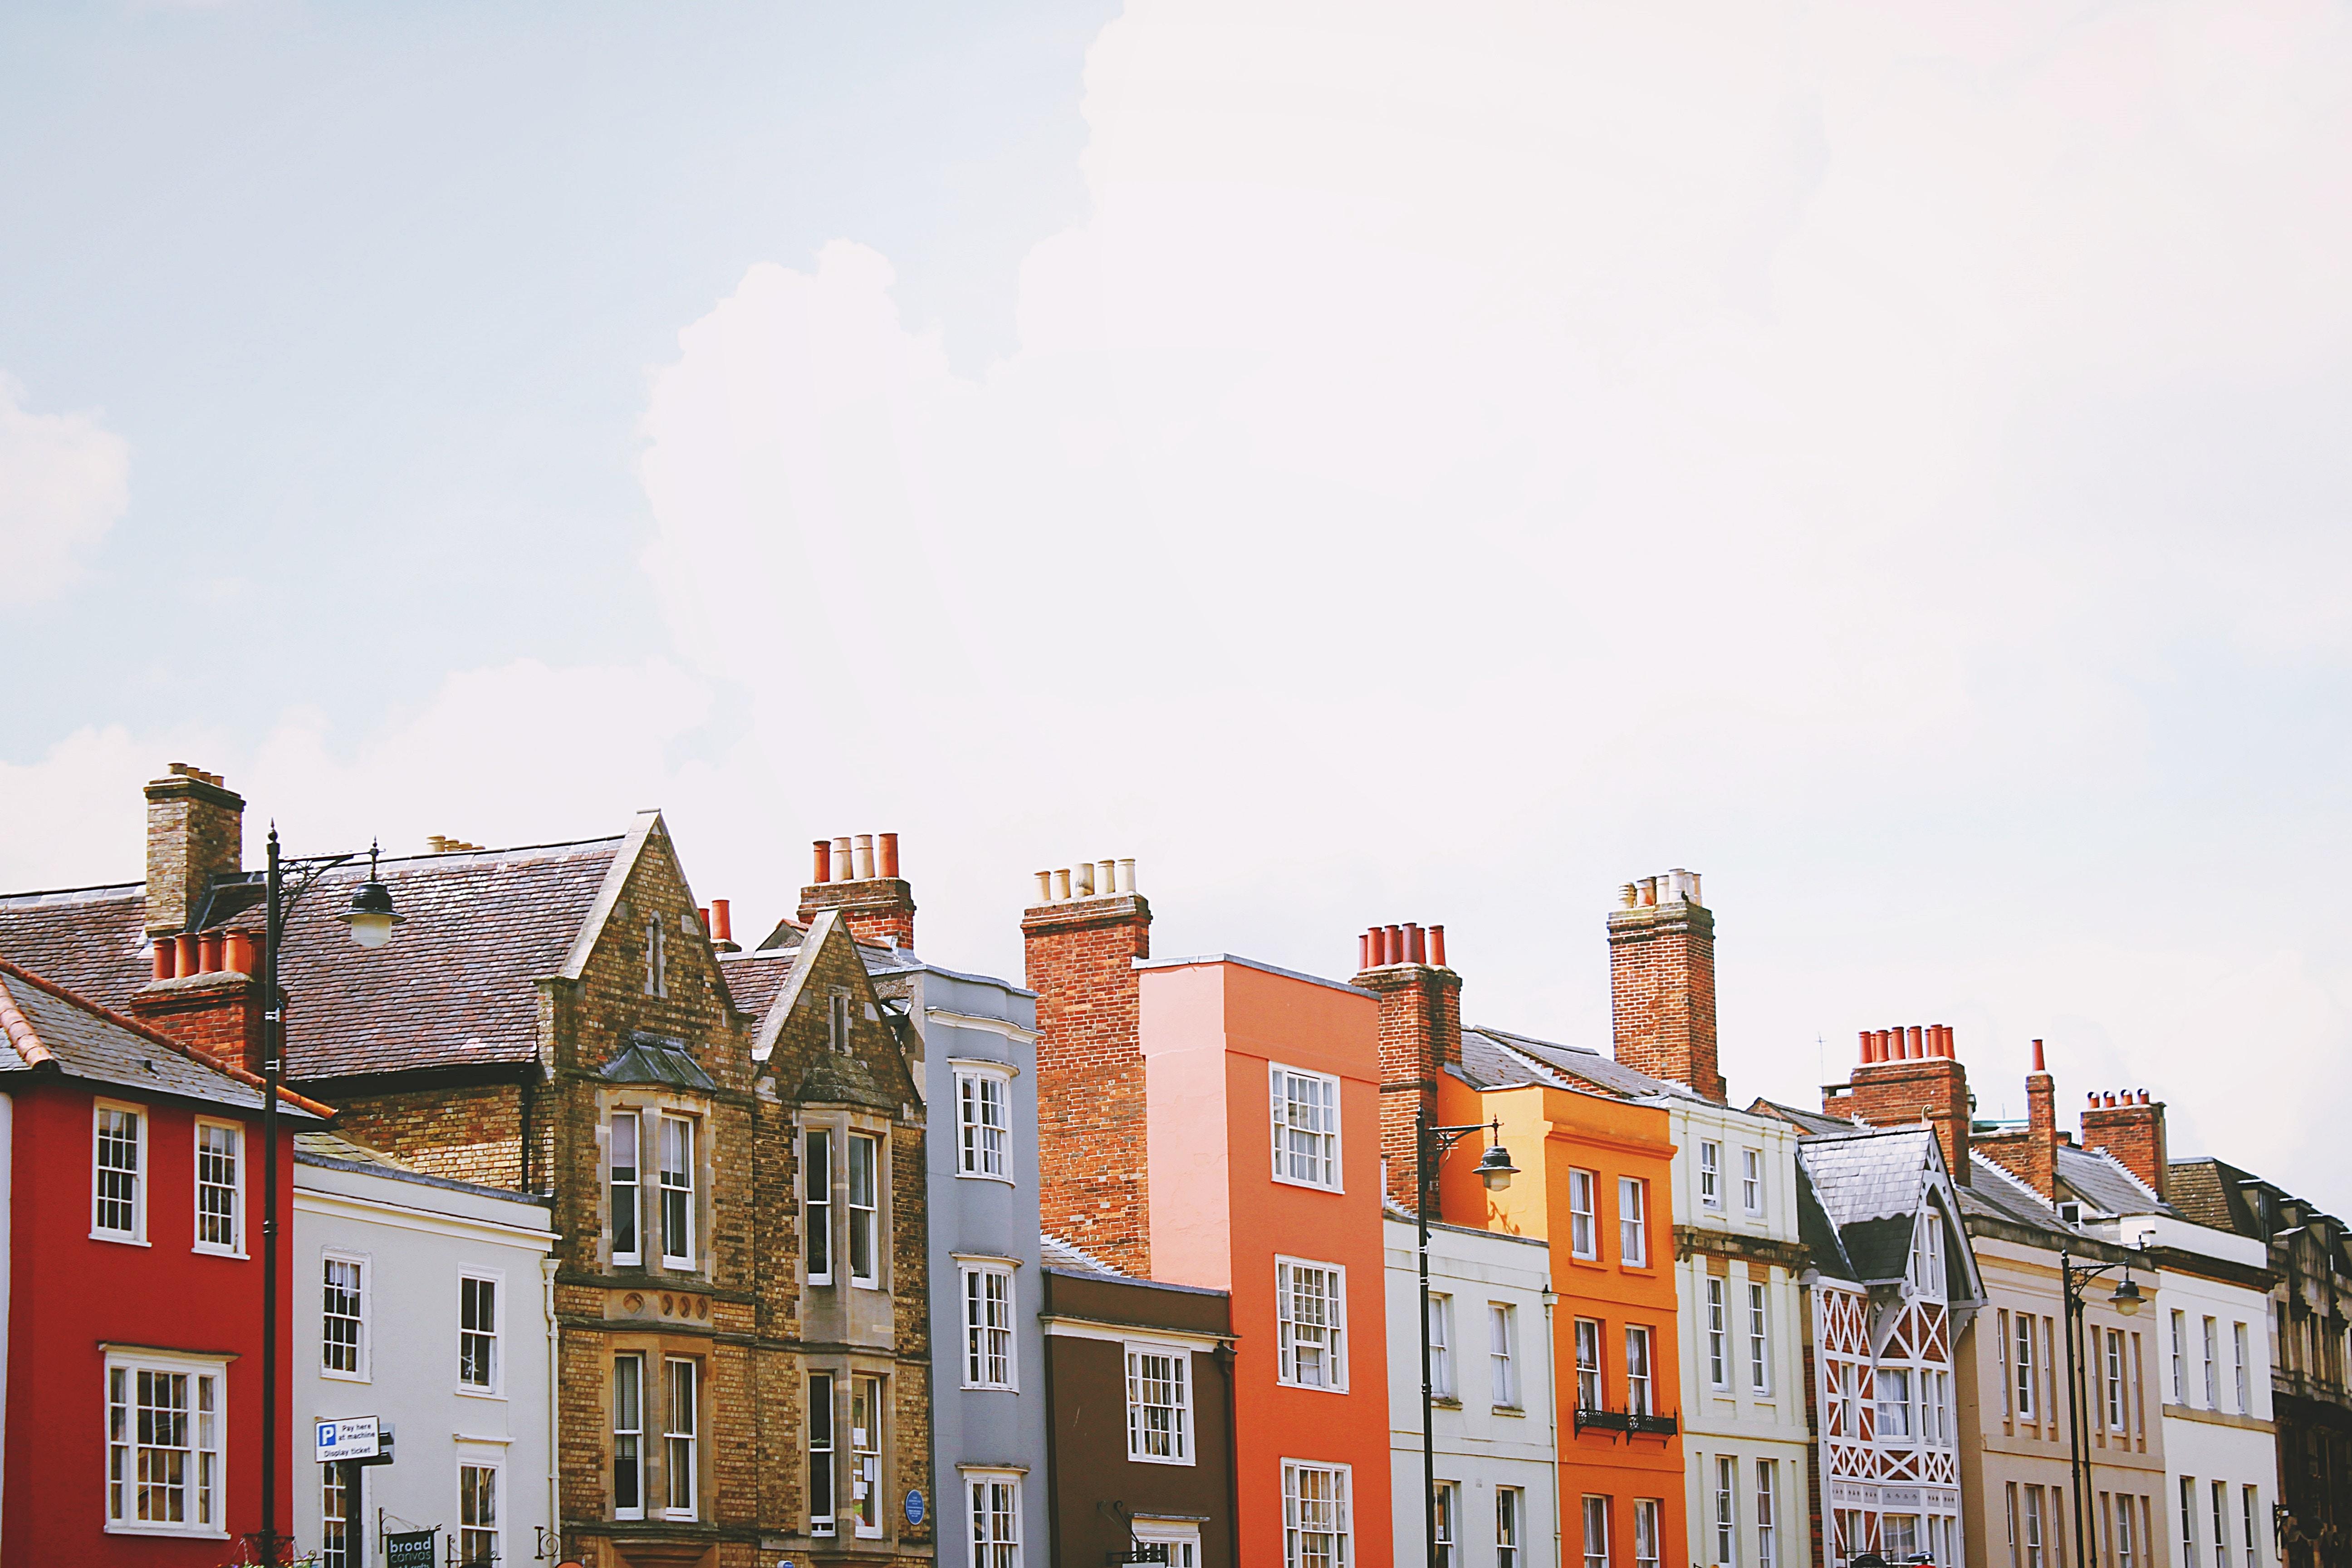 オックスフォード観光の名所・見どころご紹介!ロンドンから日帰りも!